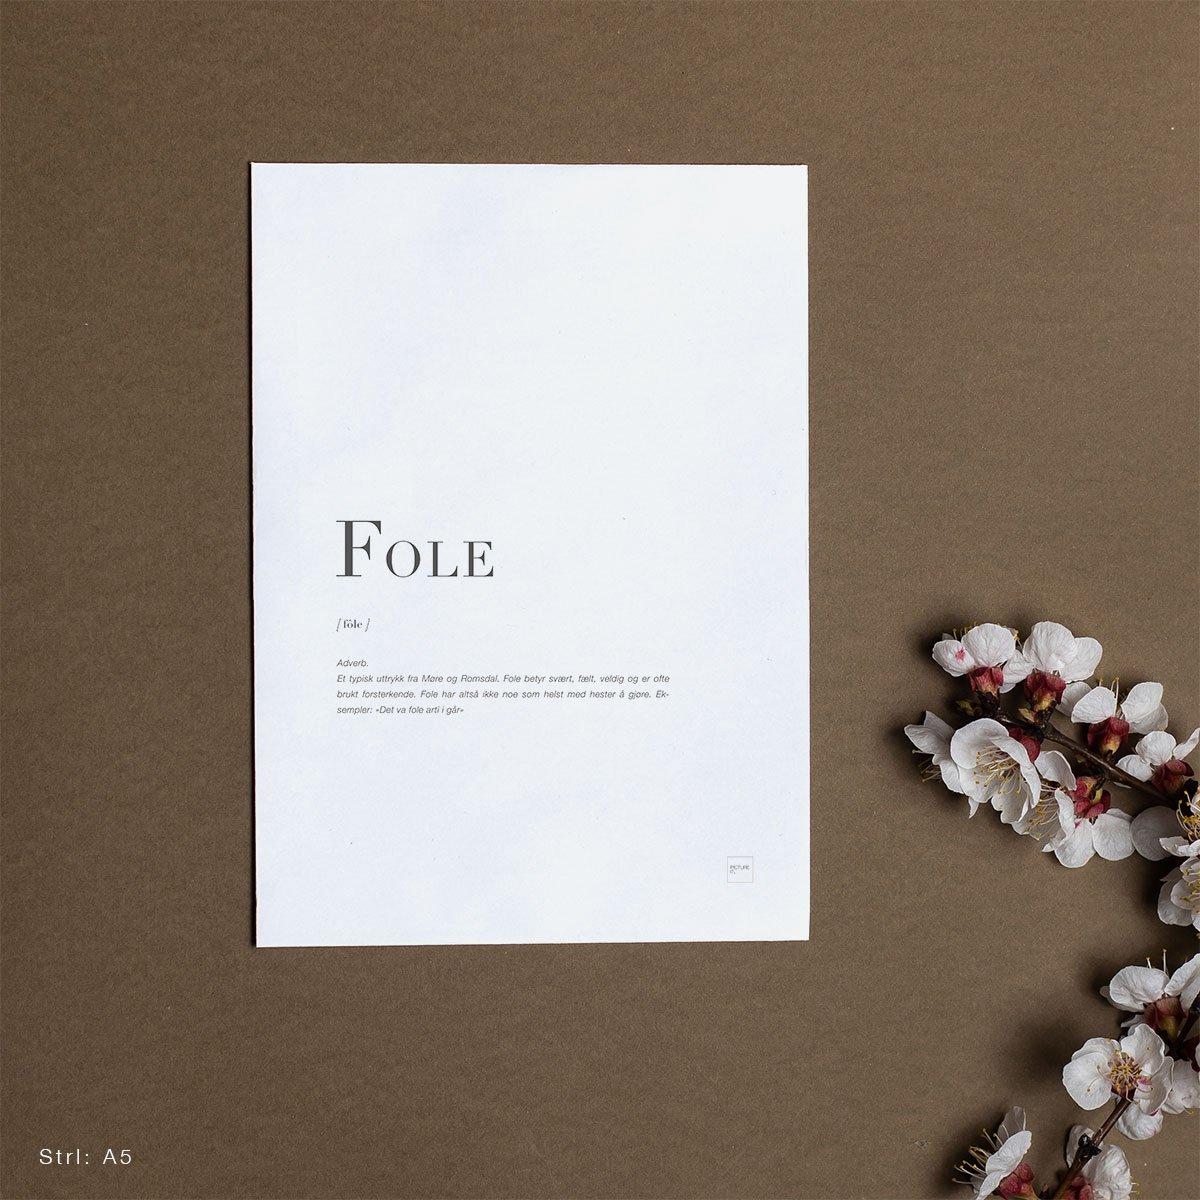 FOLE-A5